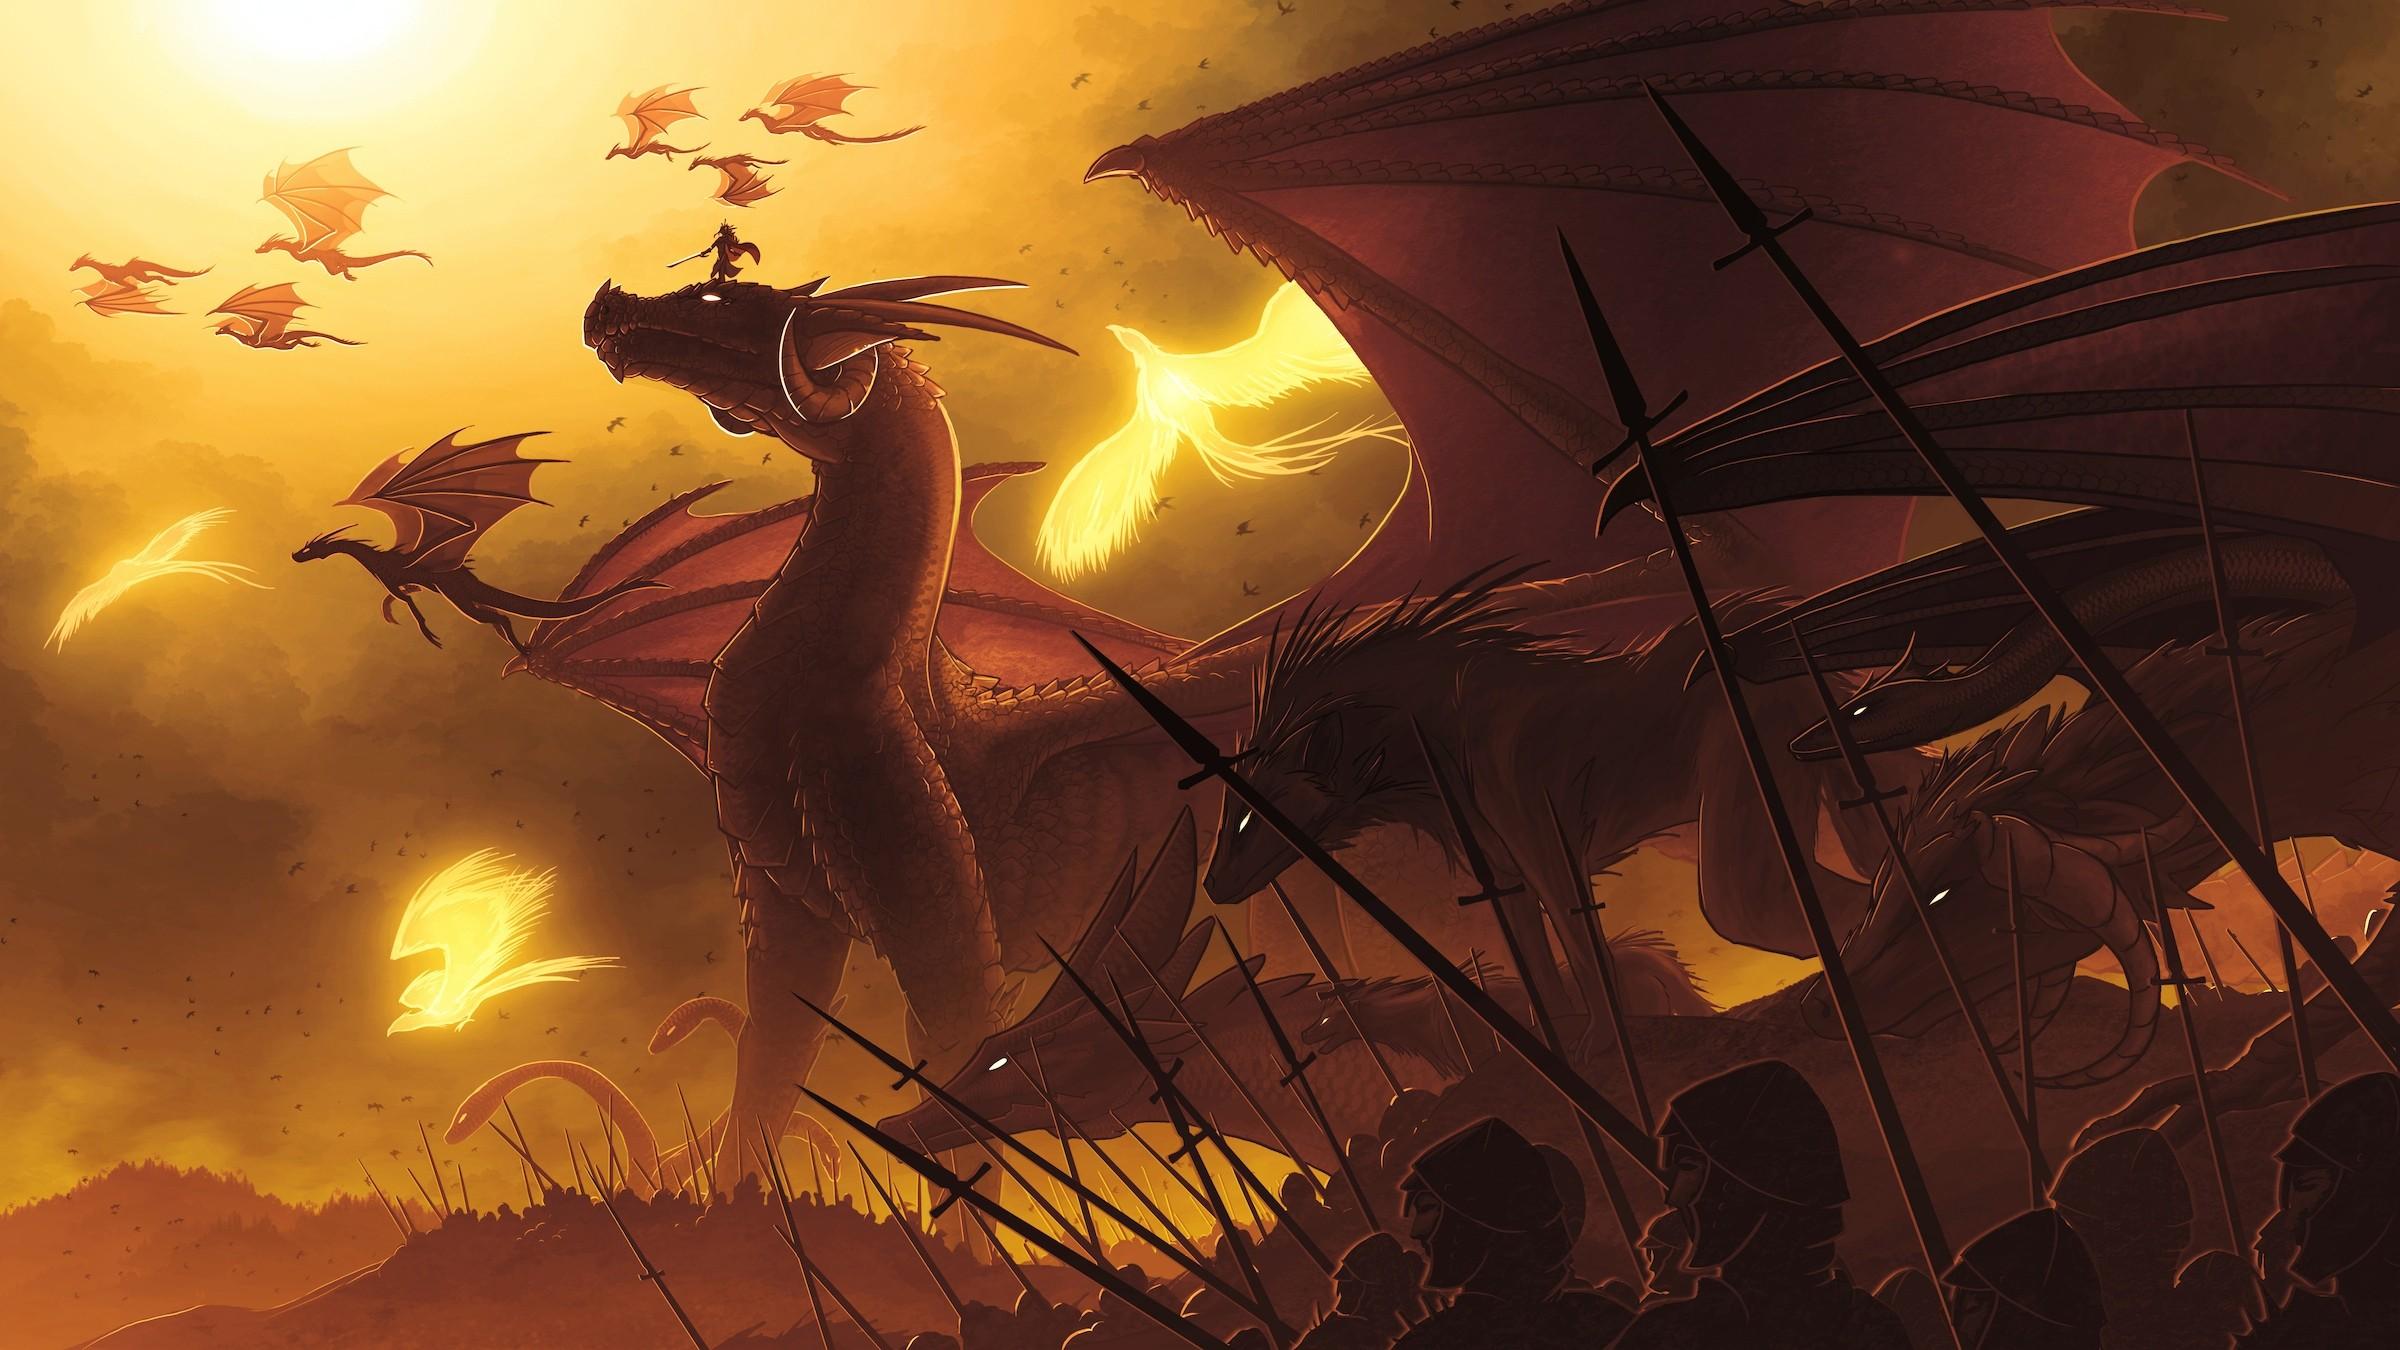 Wallpaper Illustration Digital Art Fantasy Art Wings